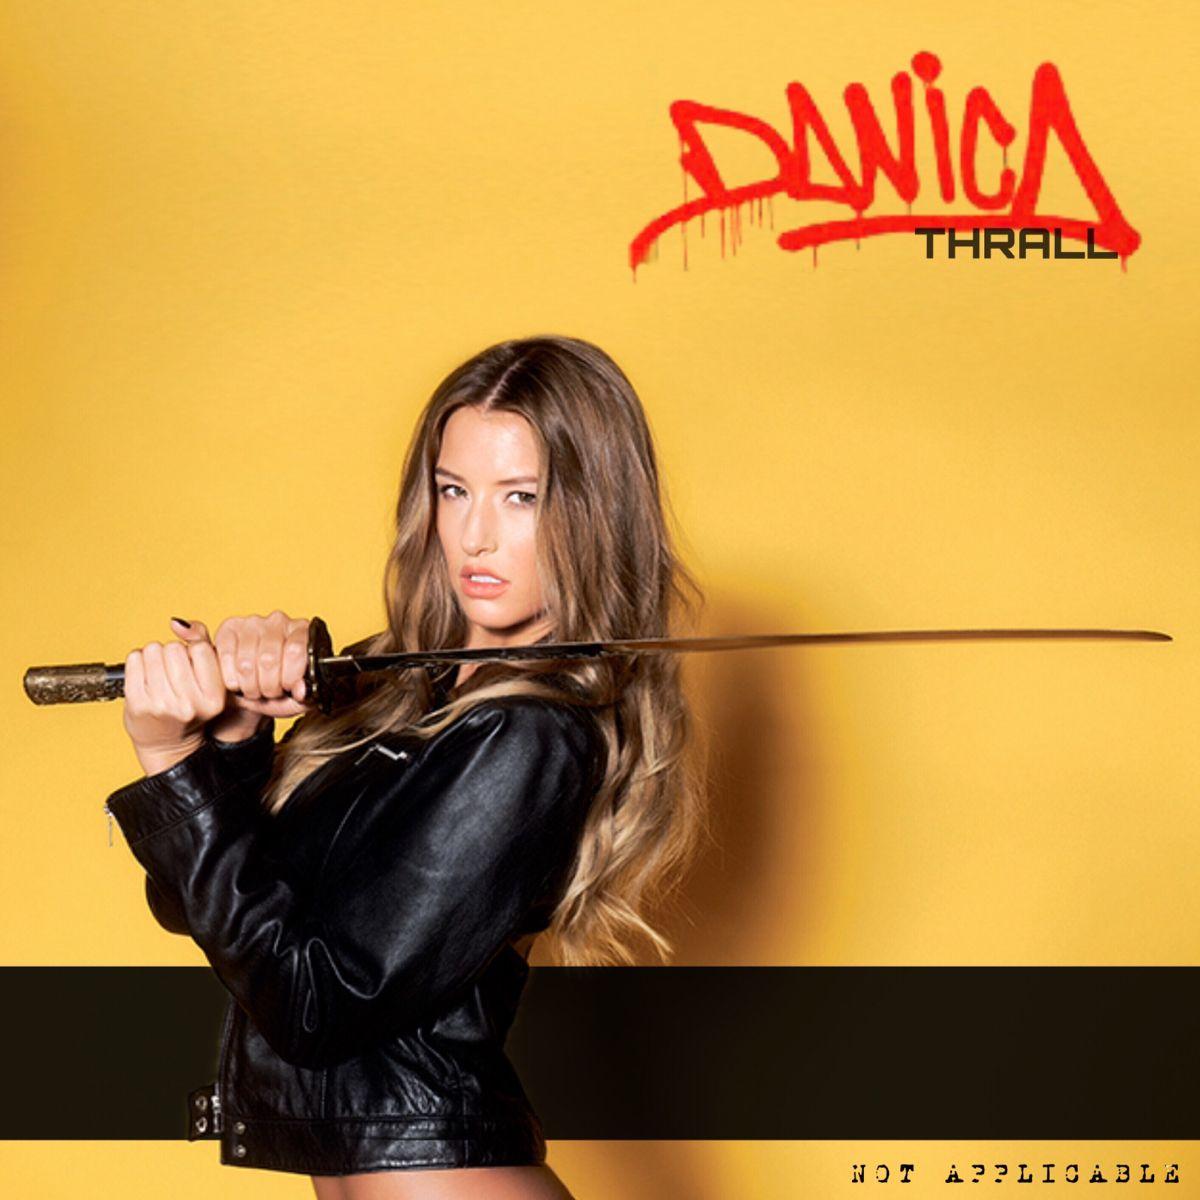 Thrall dancia Danica Thrall